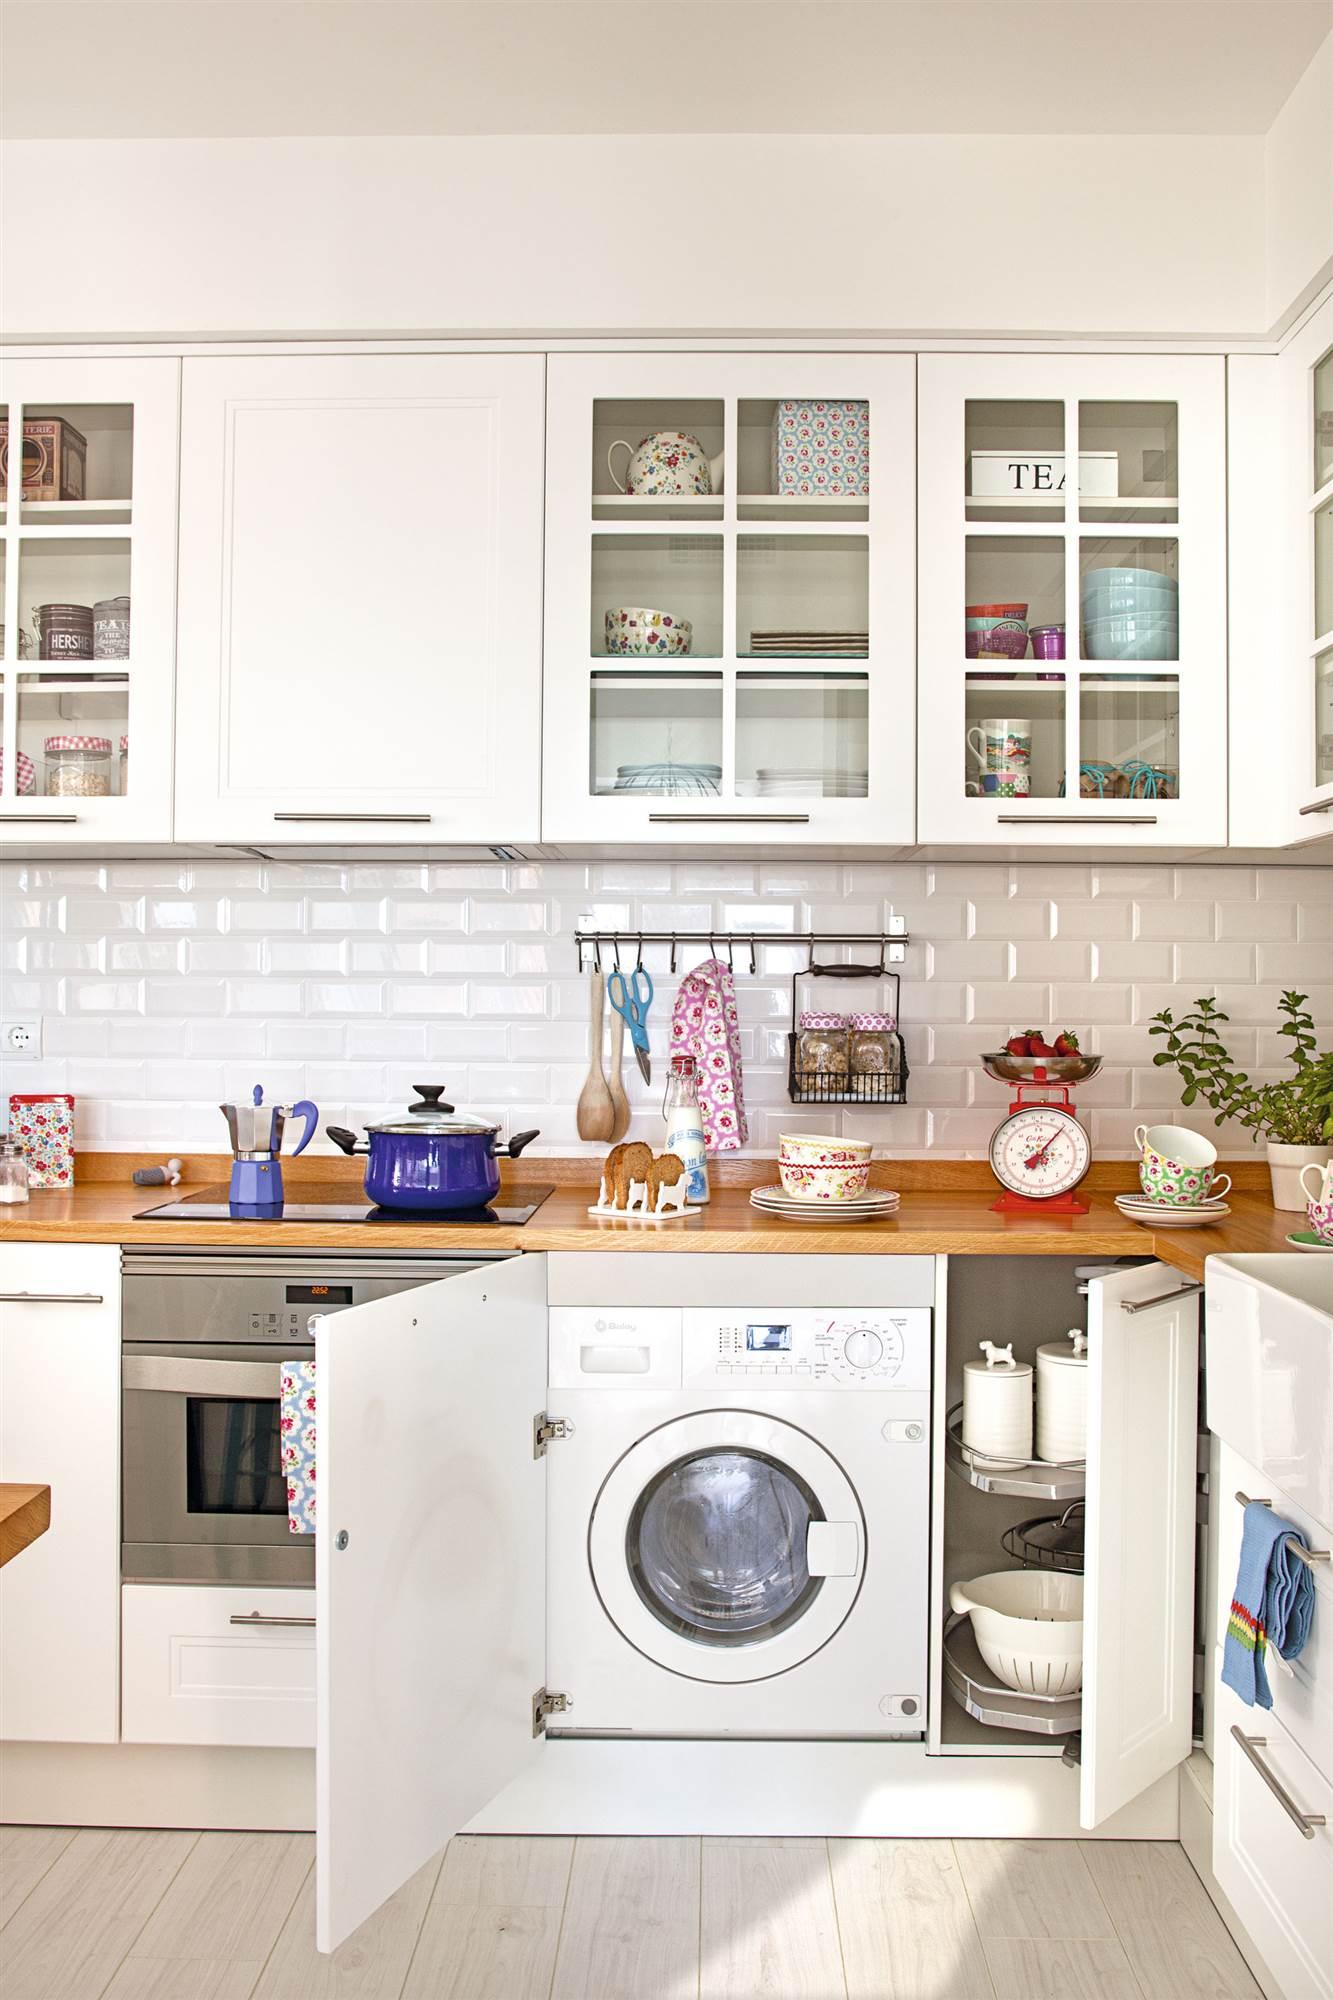 Cocinas muebles decoraci n dise o blancas o peque as - Nevera panelada ...